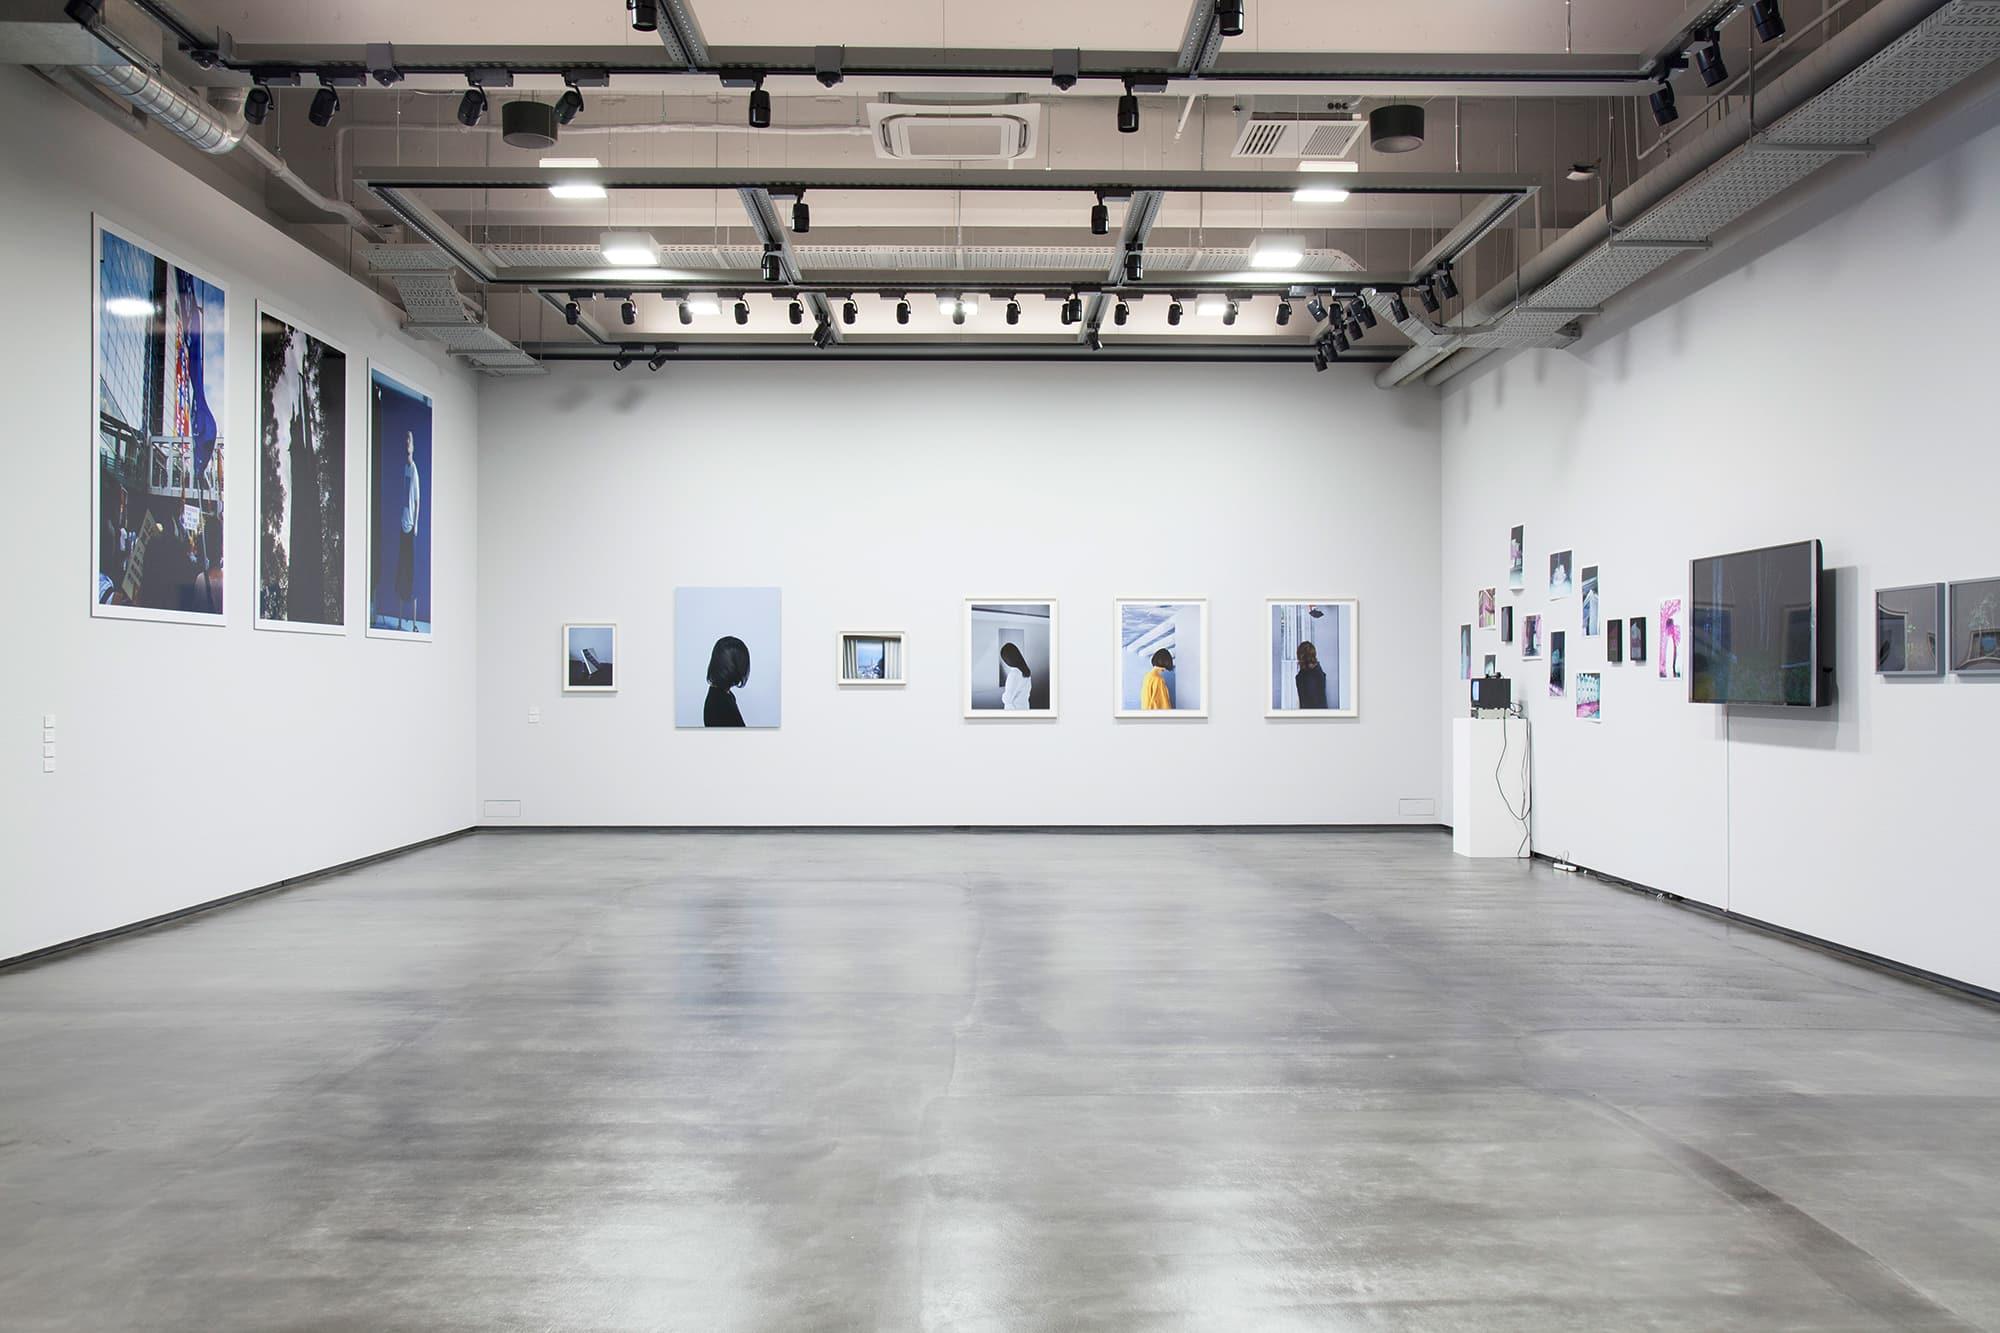 過去最高の来場者数となった「BEYOND 2020」東京展レポート | IMA gallery